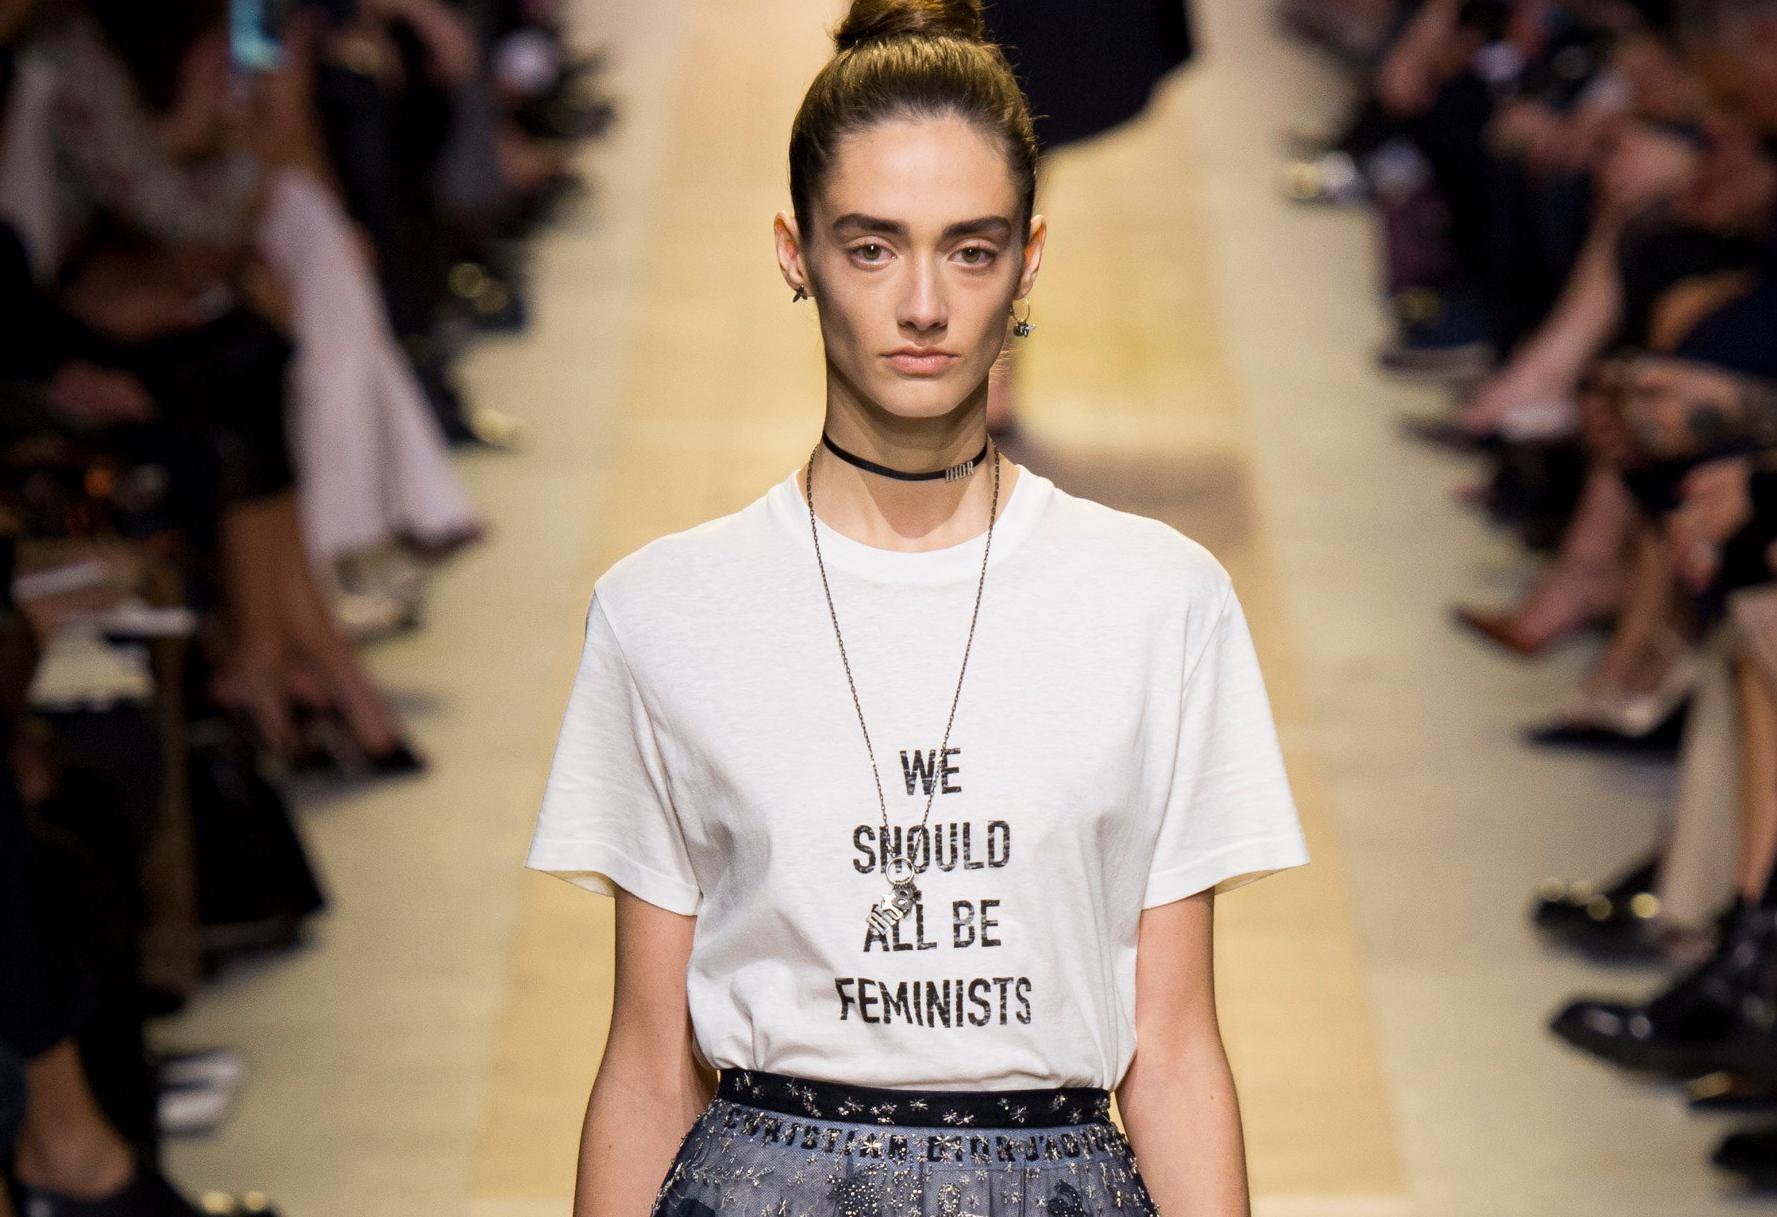 Moda & feminizam: Kako je moda utjecala na emancipaciju i ravnopravnost žena